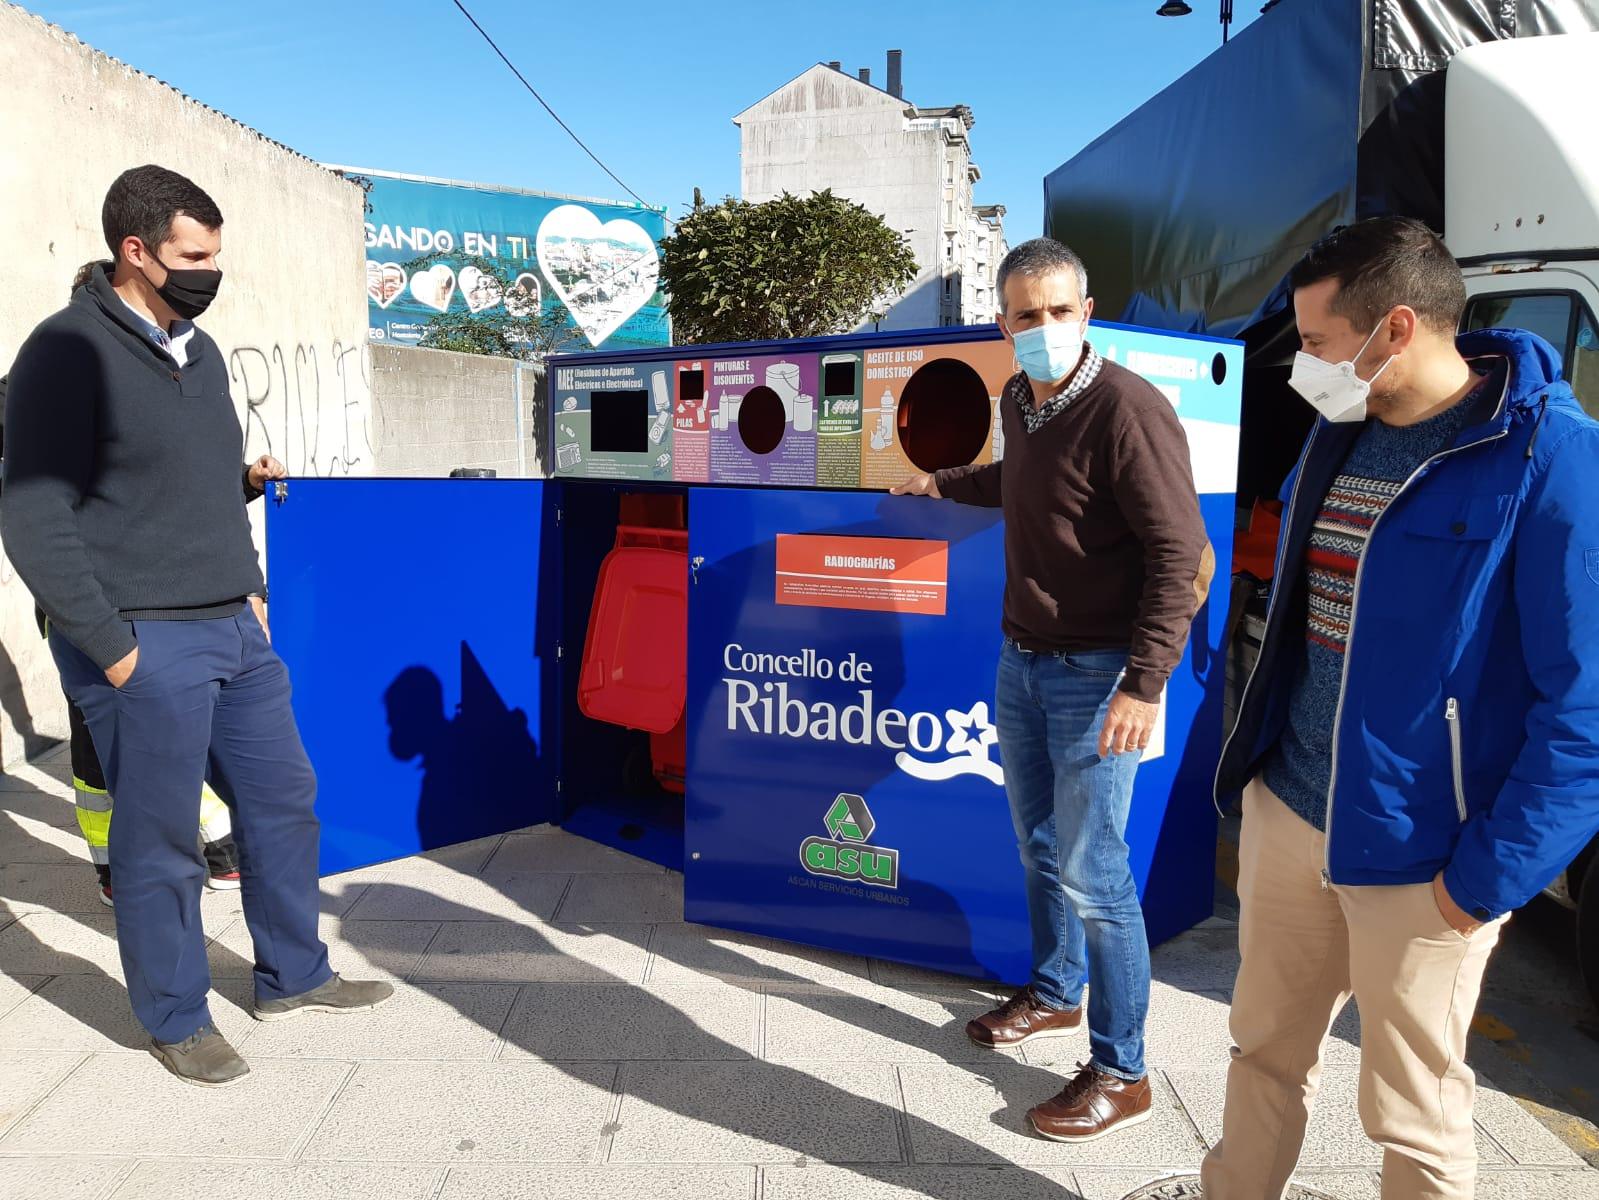 Ribadeo pone a disposición de la ciudadanía dos puntos limpios de proximidad